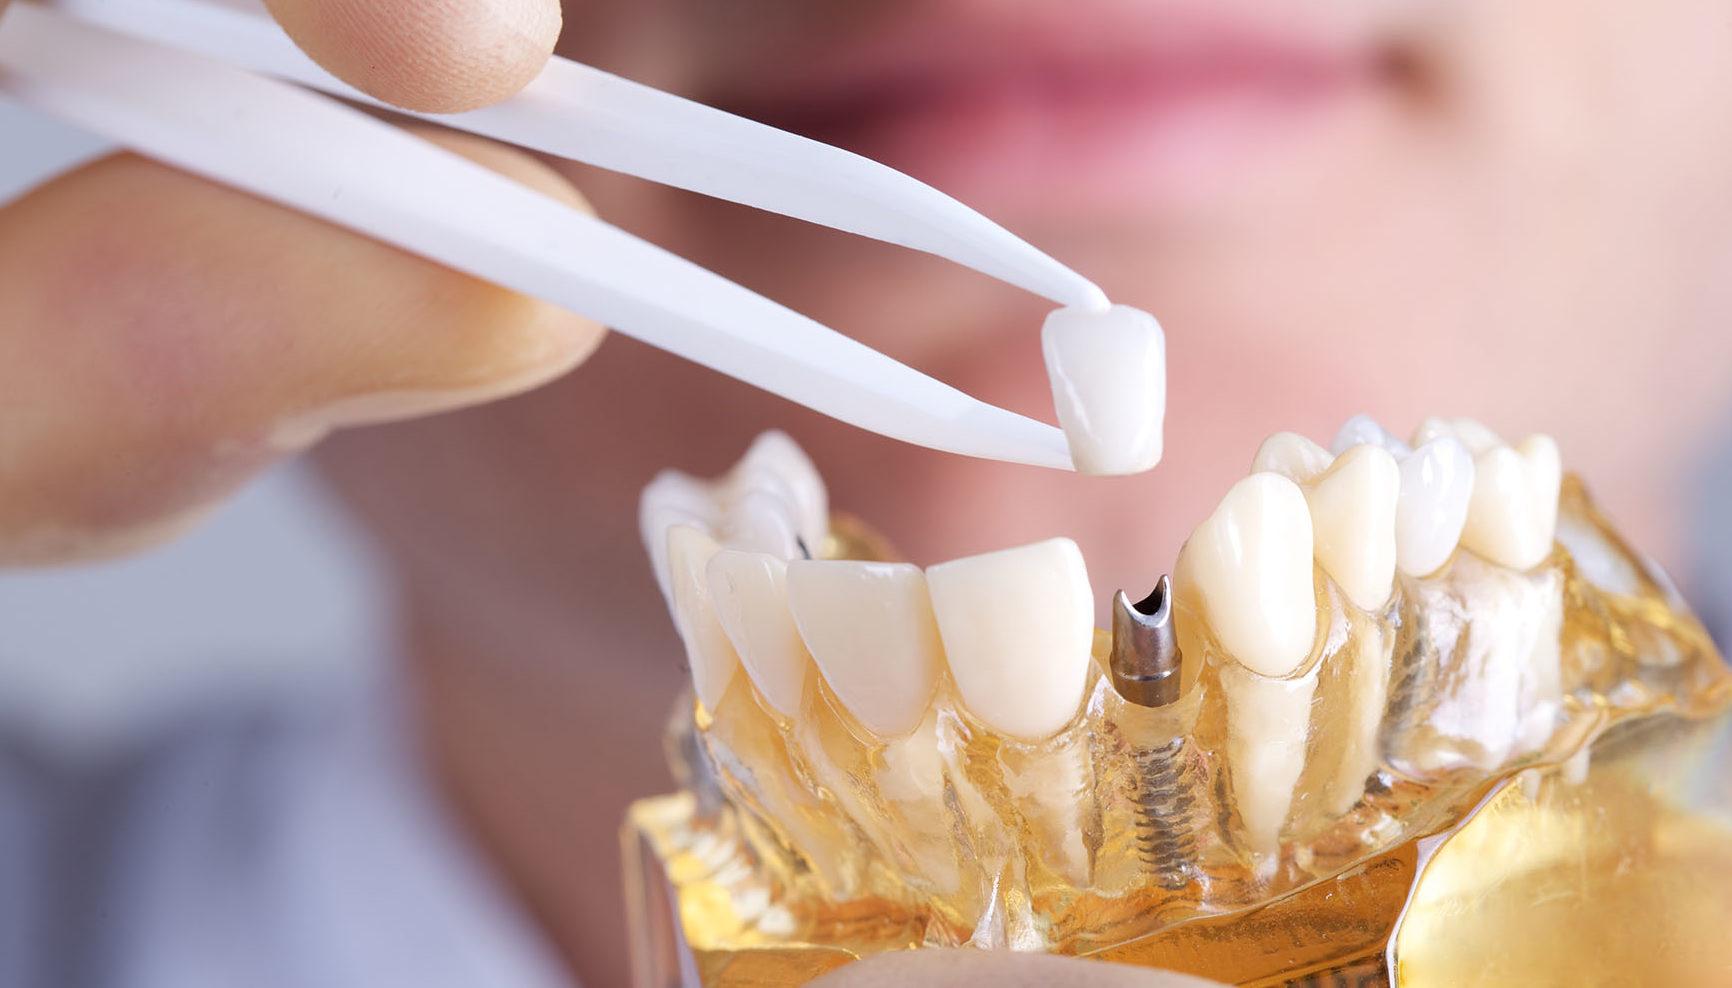 implantes dentales en clinica dental valencia sala y moreno